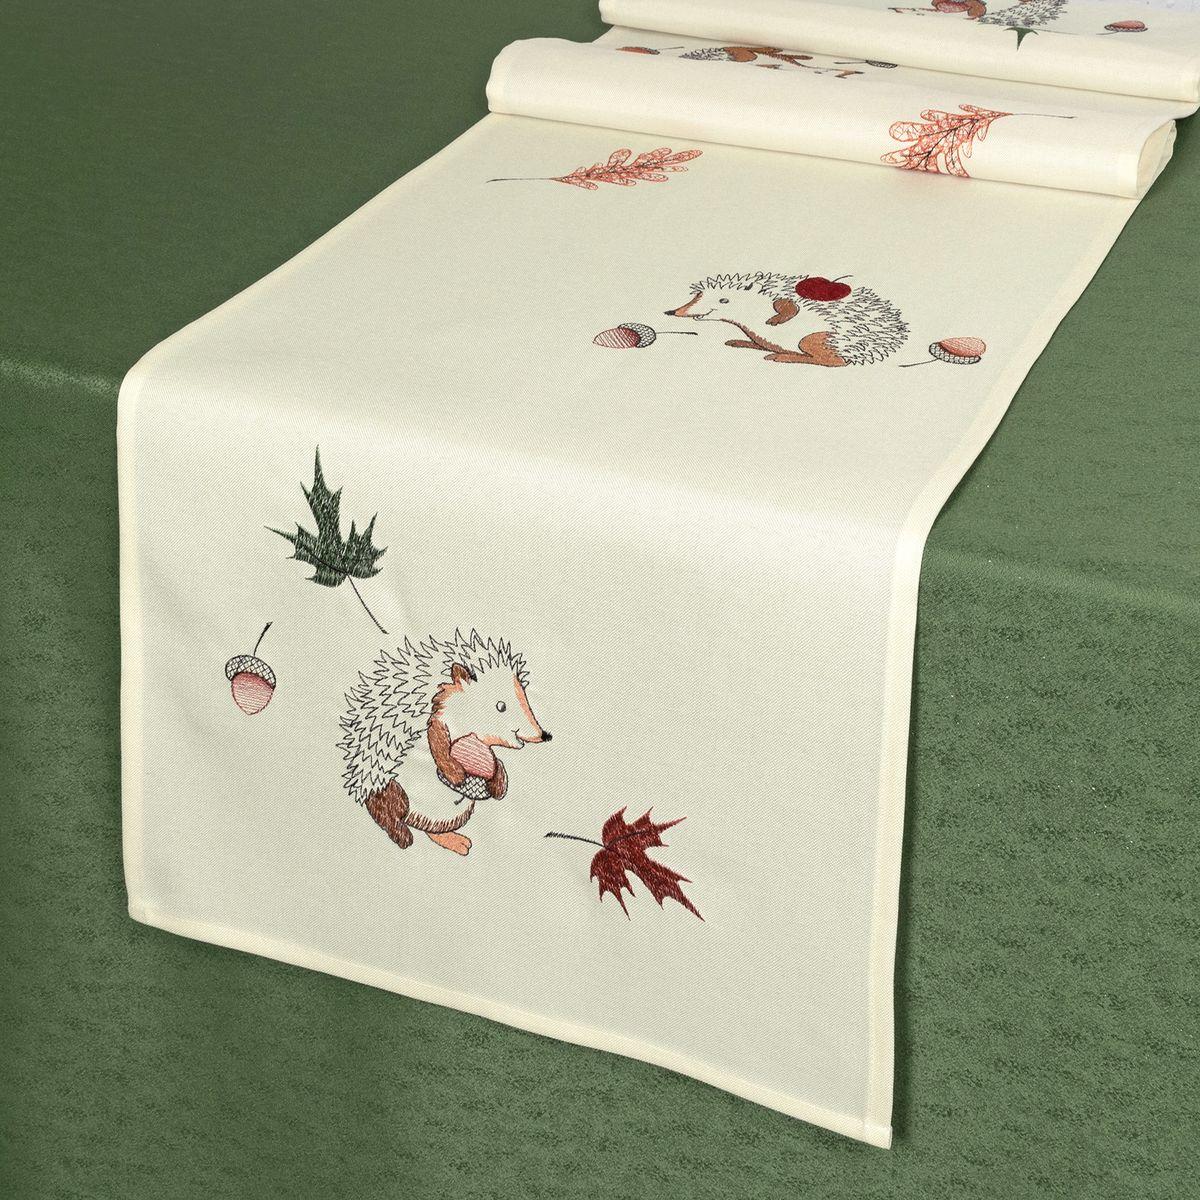 Дорожка для декорирования стола Schaefer , 40 х 140 см, цвет: белый. 07788-21107788-211Дорожка для декорирования стола Schaefer может быть использована, как основной элемент, так и дополнение для создания уюта и романтического настроения.Дорожка выполнена из полиэстера. Изделие легко стирать: оно не мнется, не садится и быстро сохнет, более долговечно, чем изделие из натуральных волокон.Материал: 100% полиэстер.Размер: 40 х 140 см